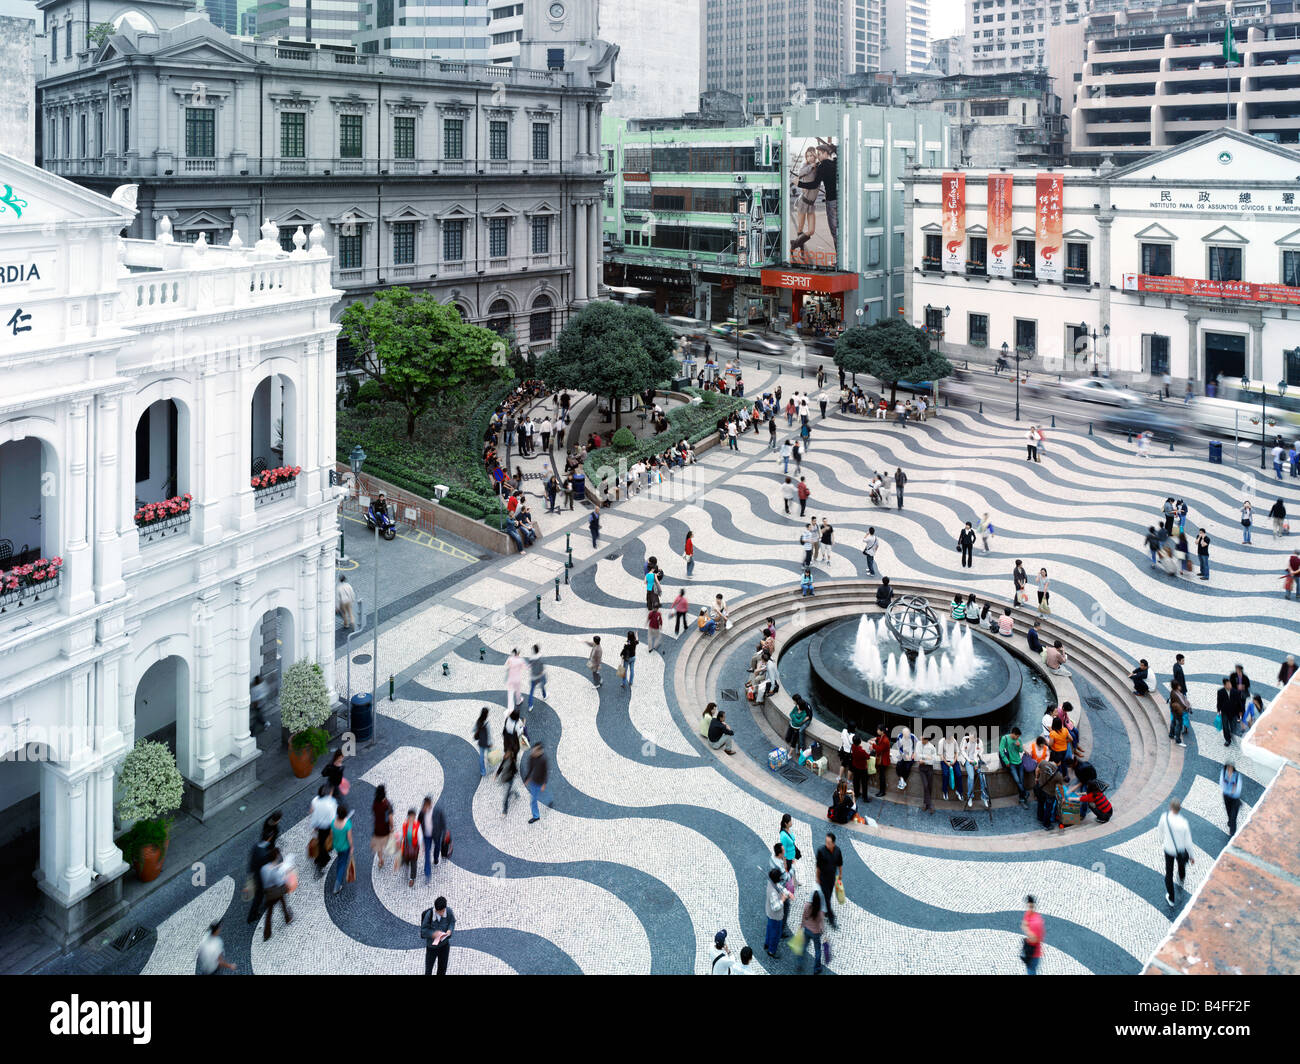 El Largo do Senado (Plaza del Senado) mirando el Leal Senado, ubicado en el centro de Macau. Imagen De Stock